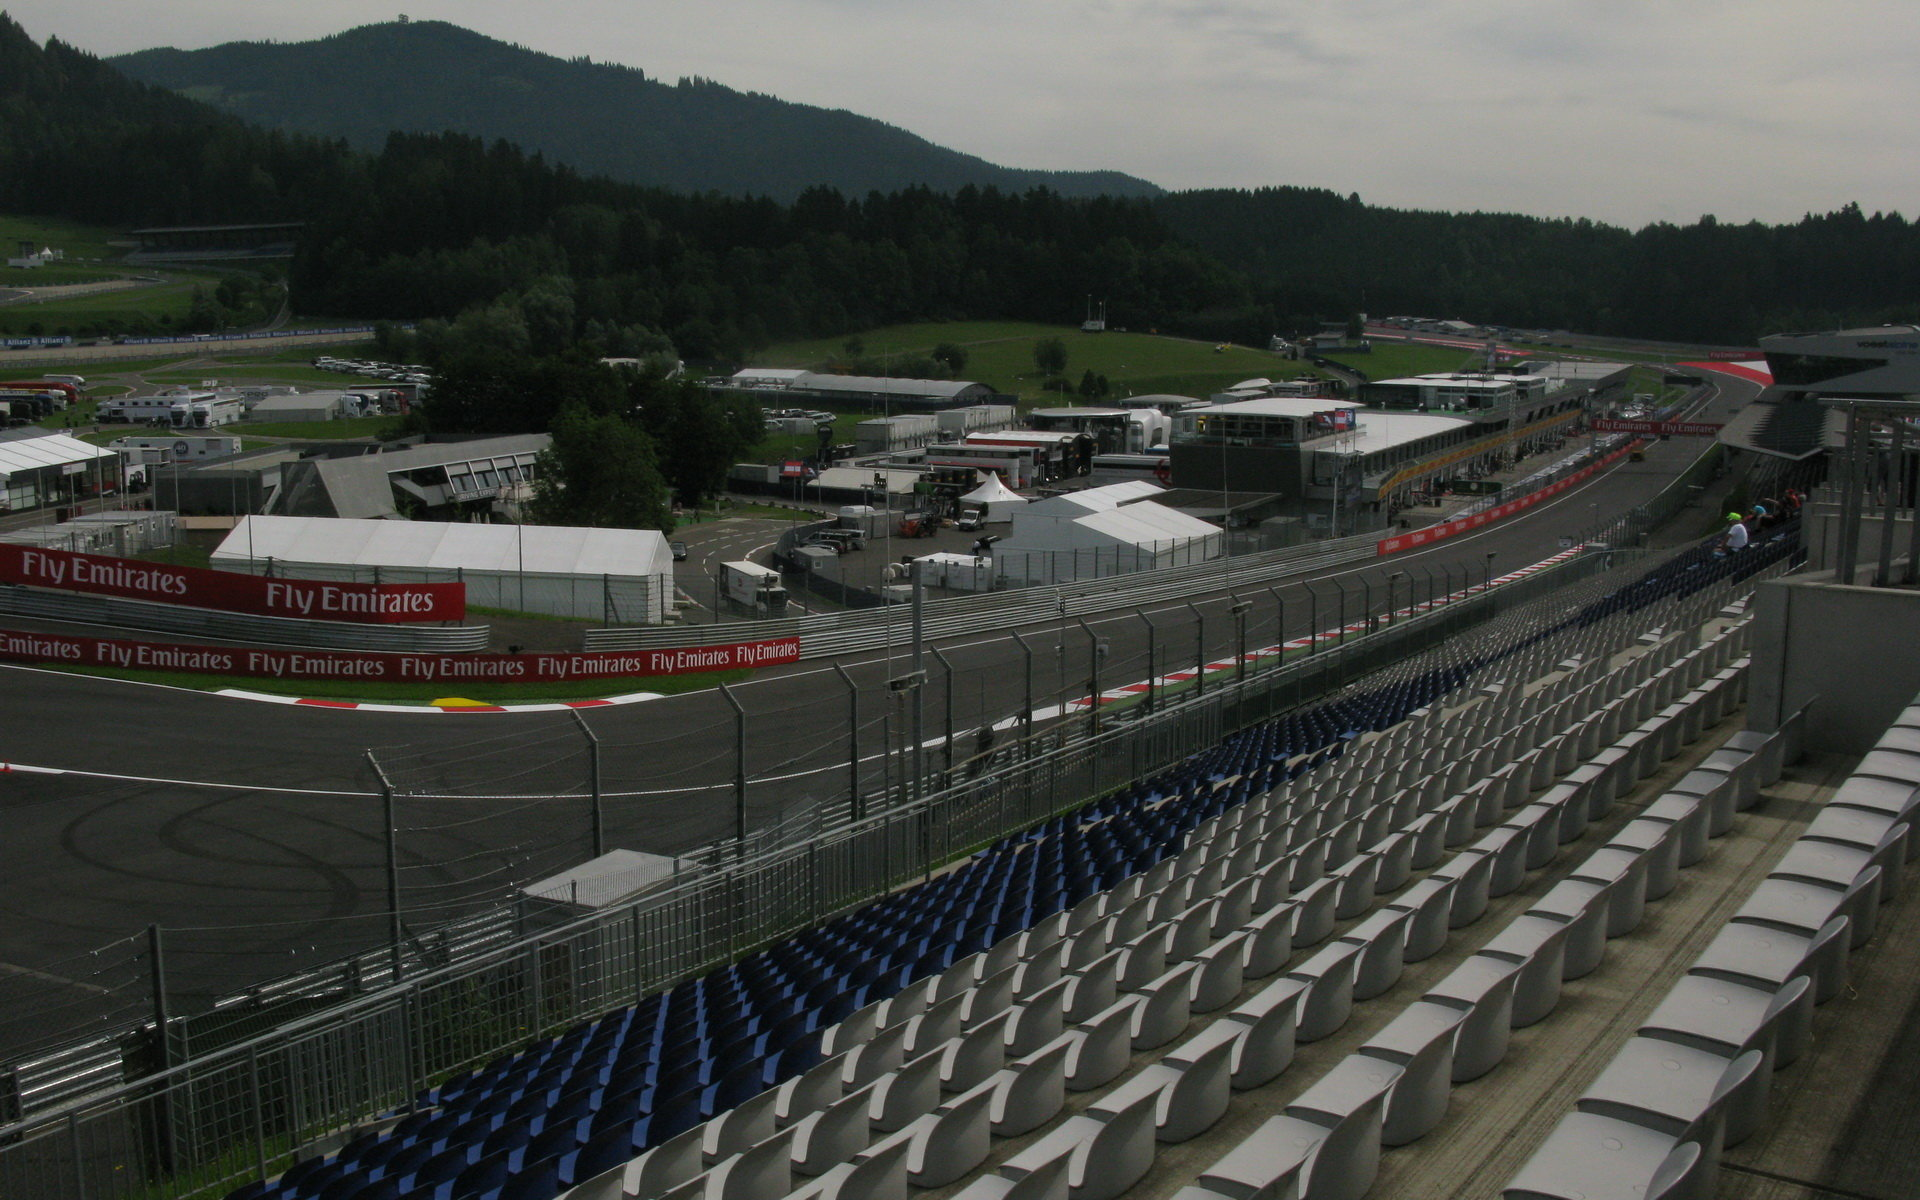 Začíná se rýsovat podoba kalendáře F1 2017. Kolik se pojede závodů? - anotační obrázek